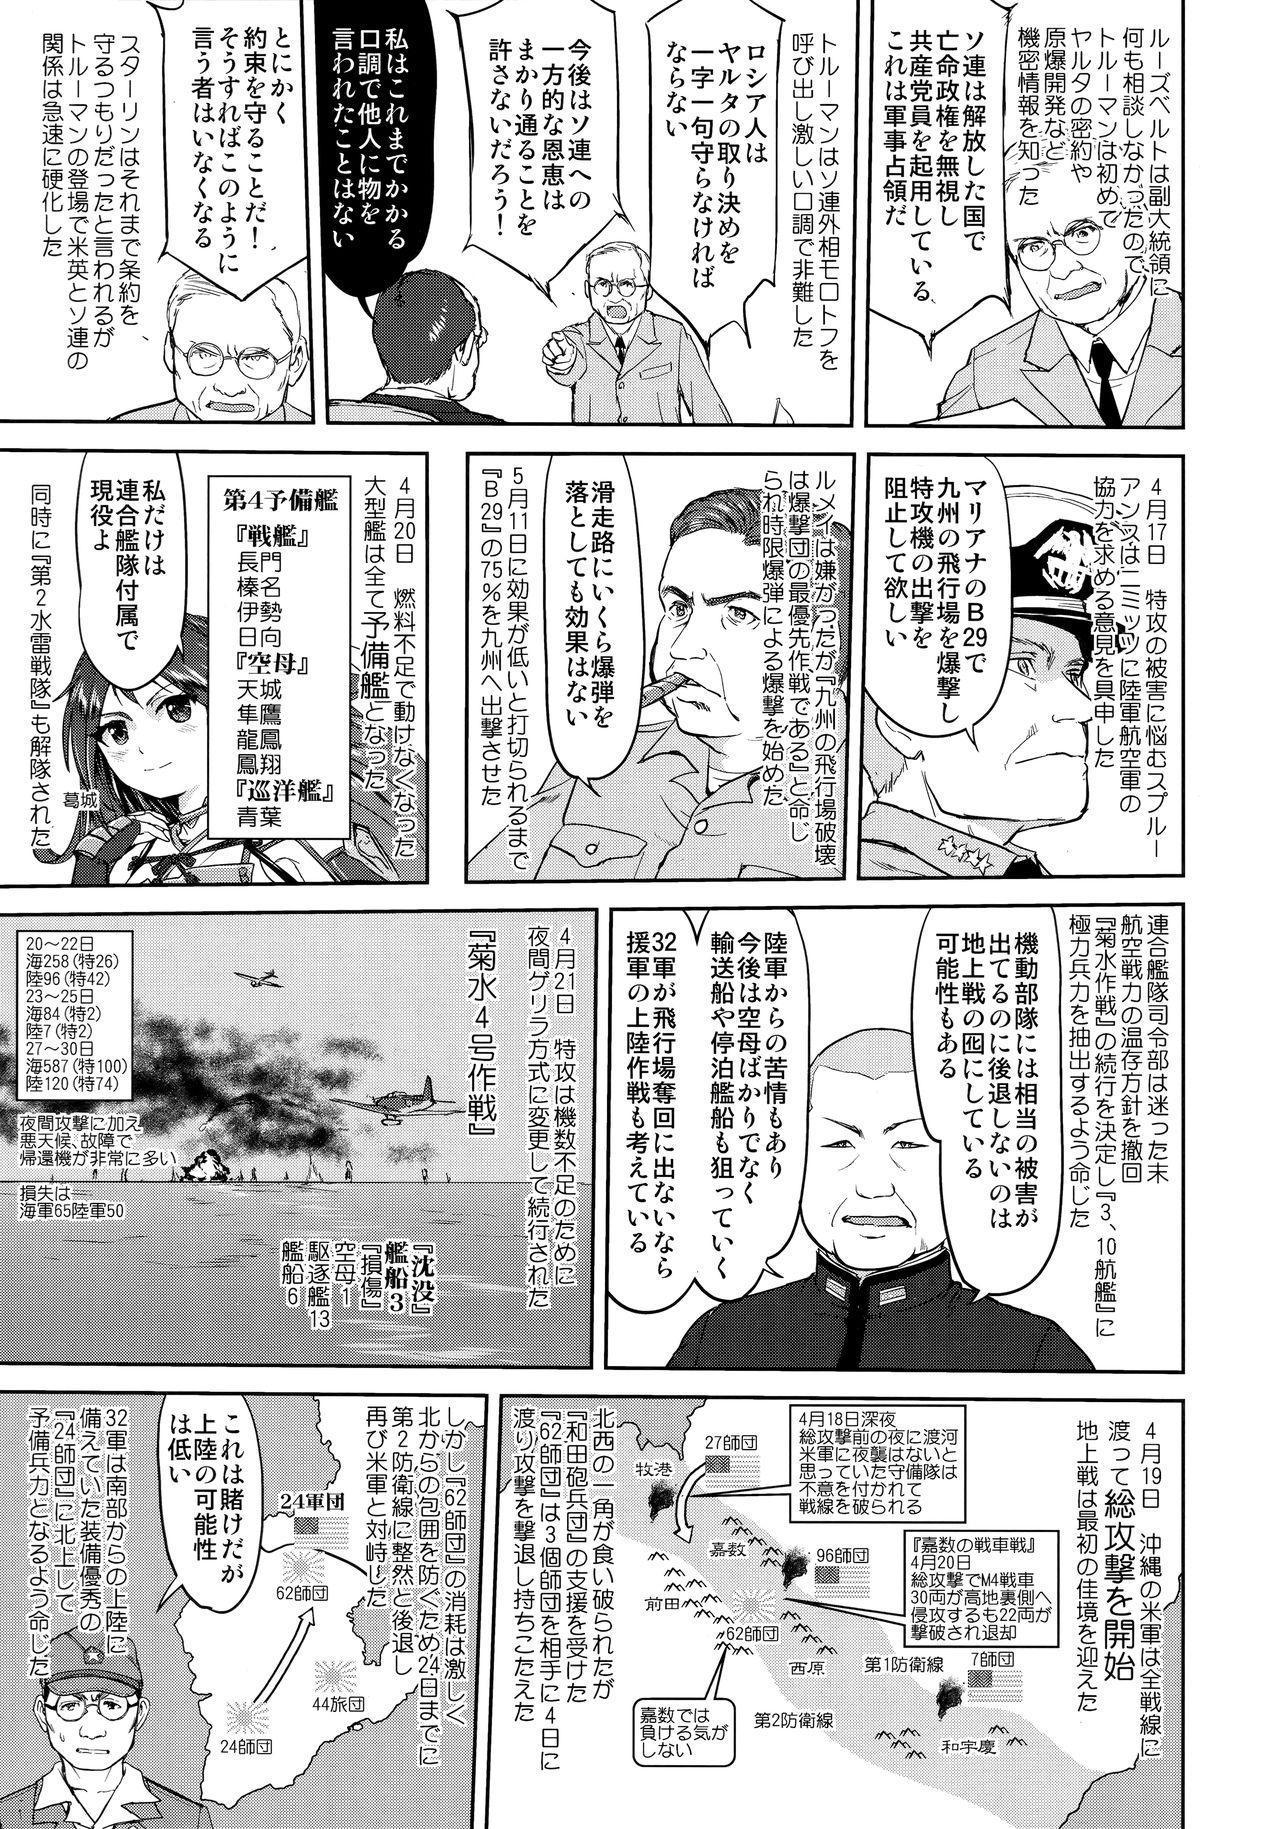 Teitoku no Ketsudan Kanmusu no Ichiban Nagai Hi 23